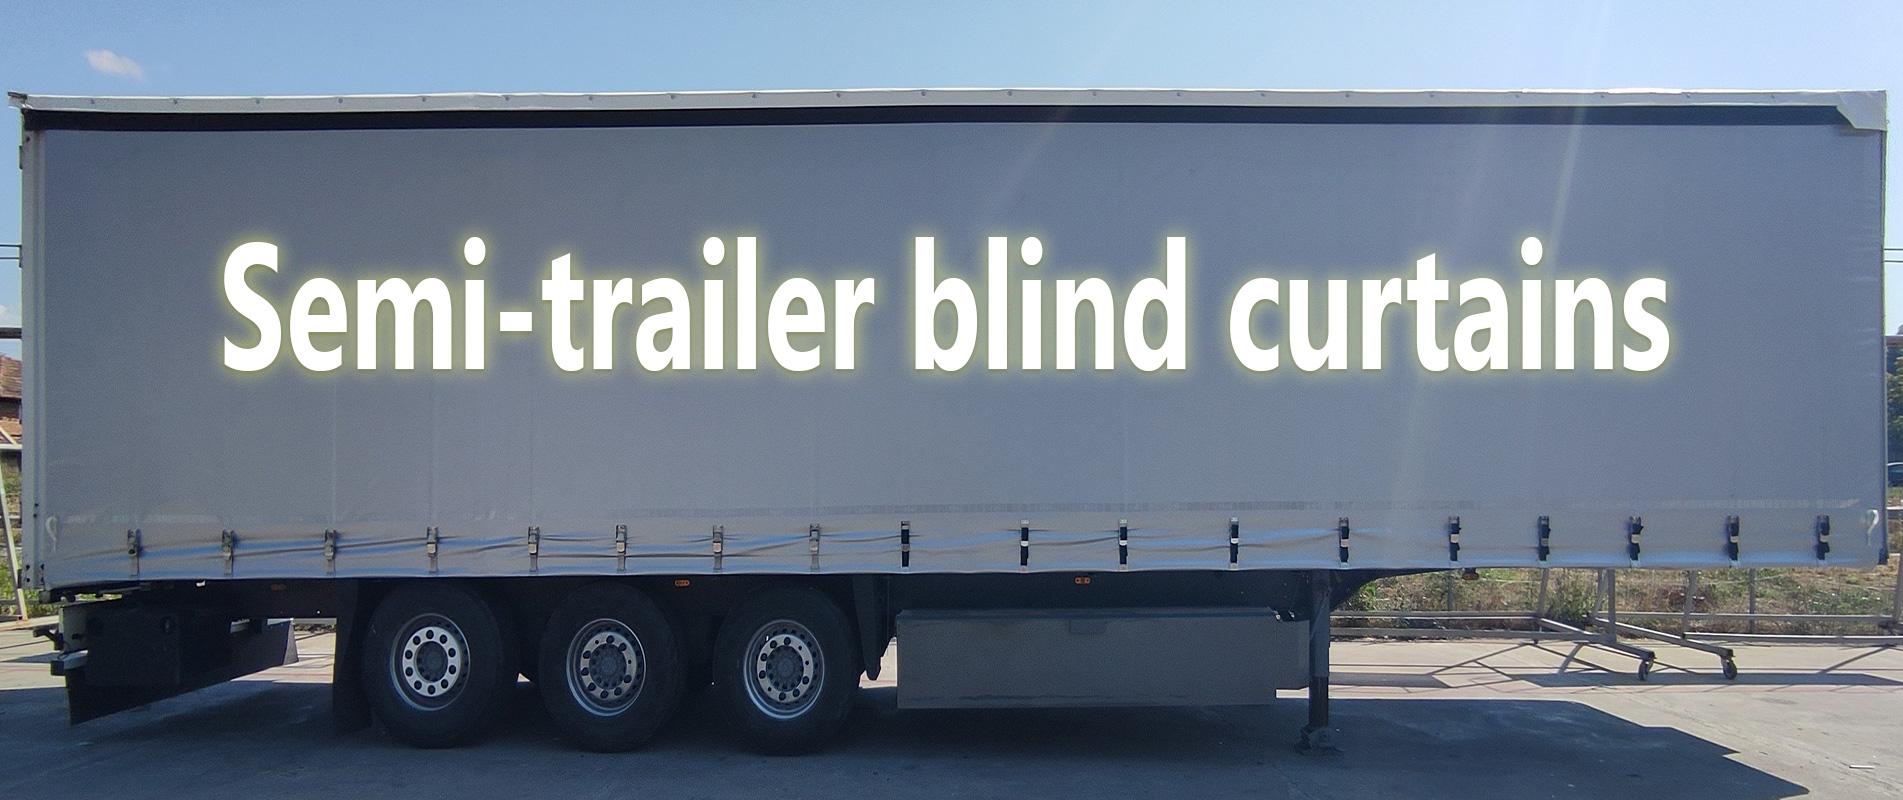 Semi-trailer curtains